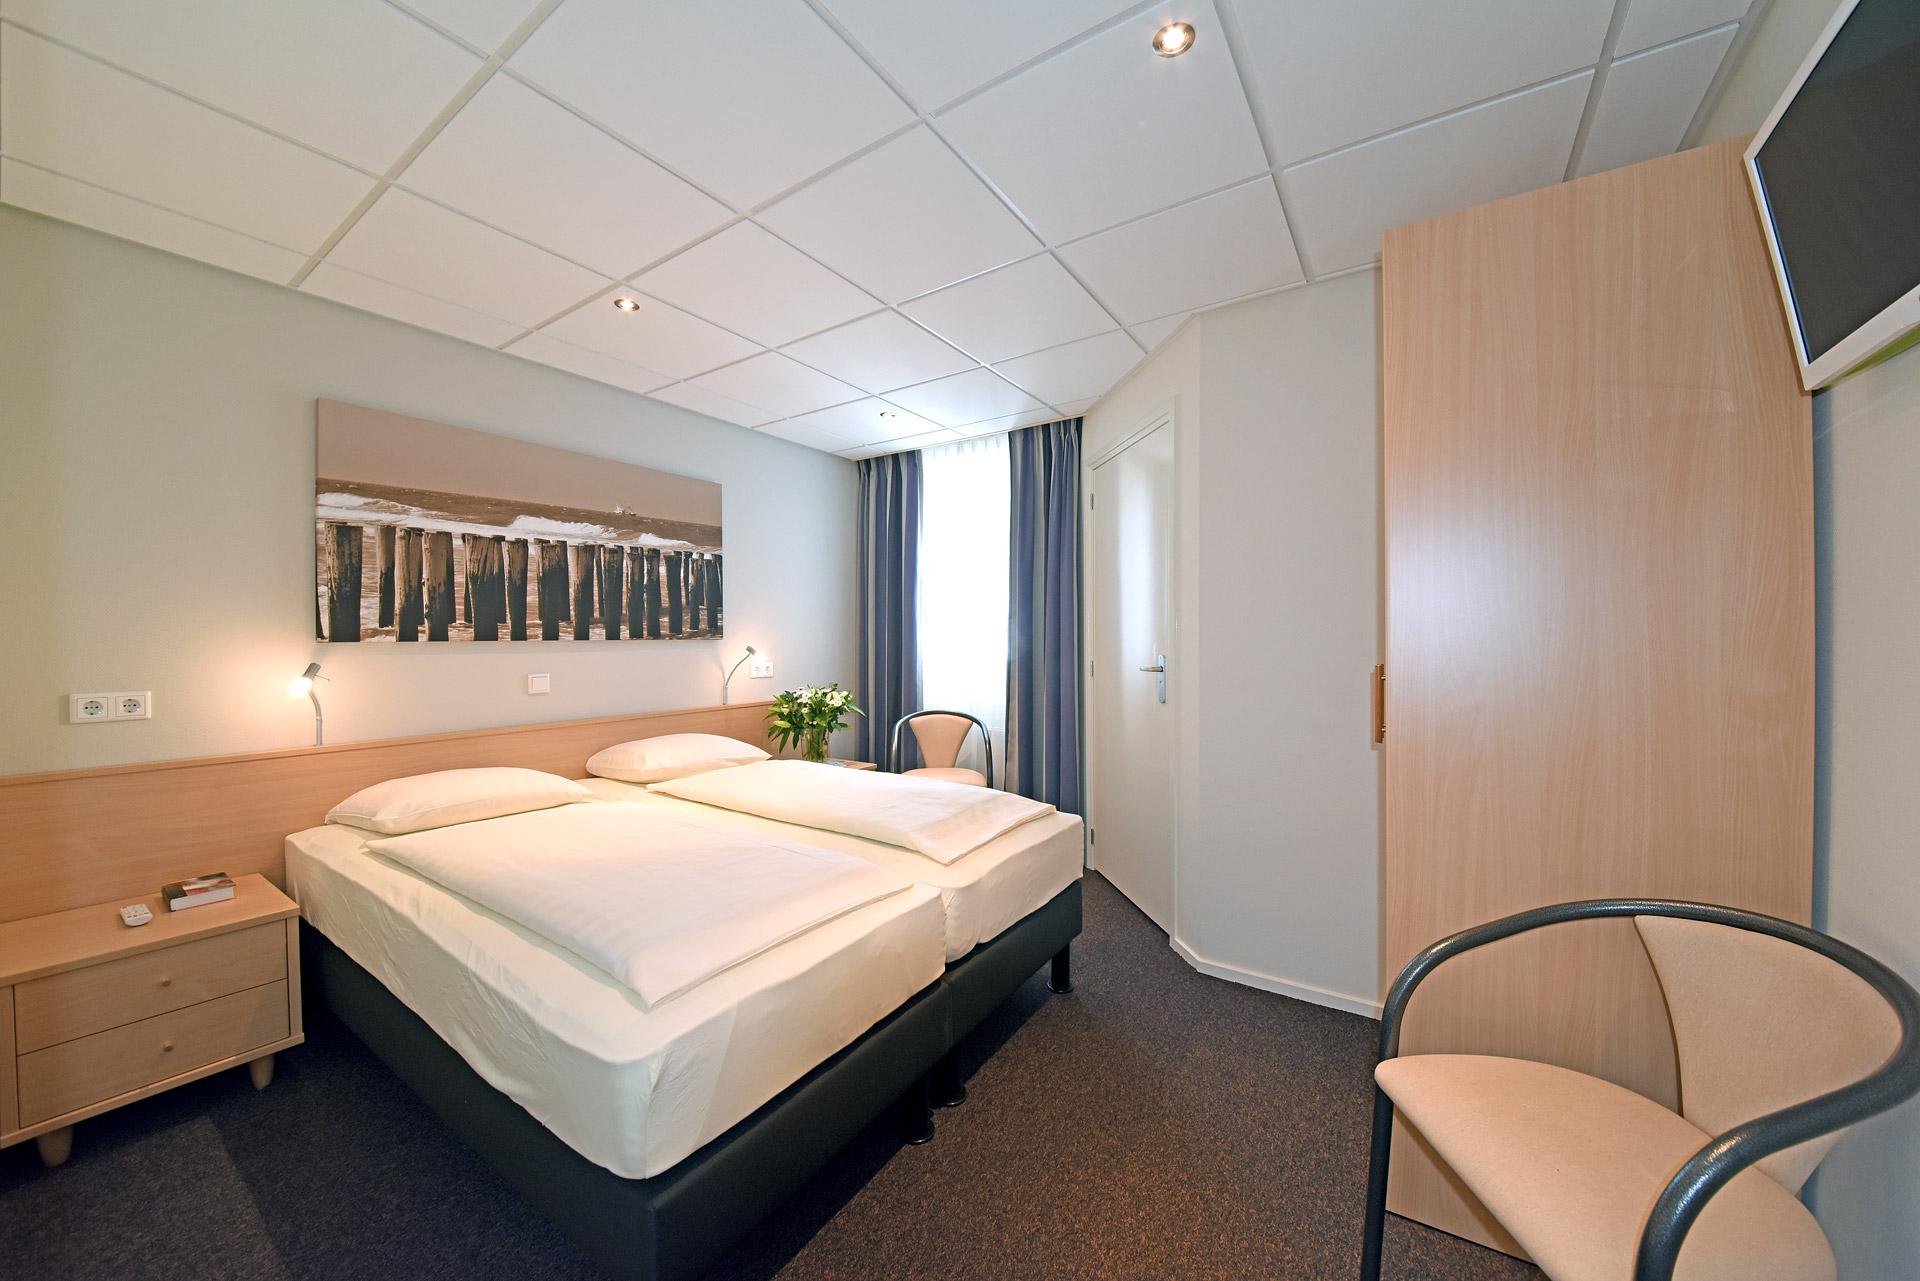 hotel-kodde-studio-JJM_0259